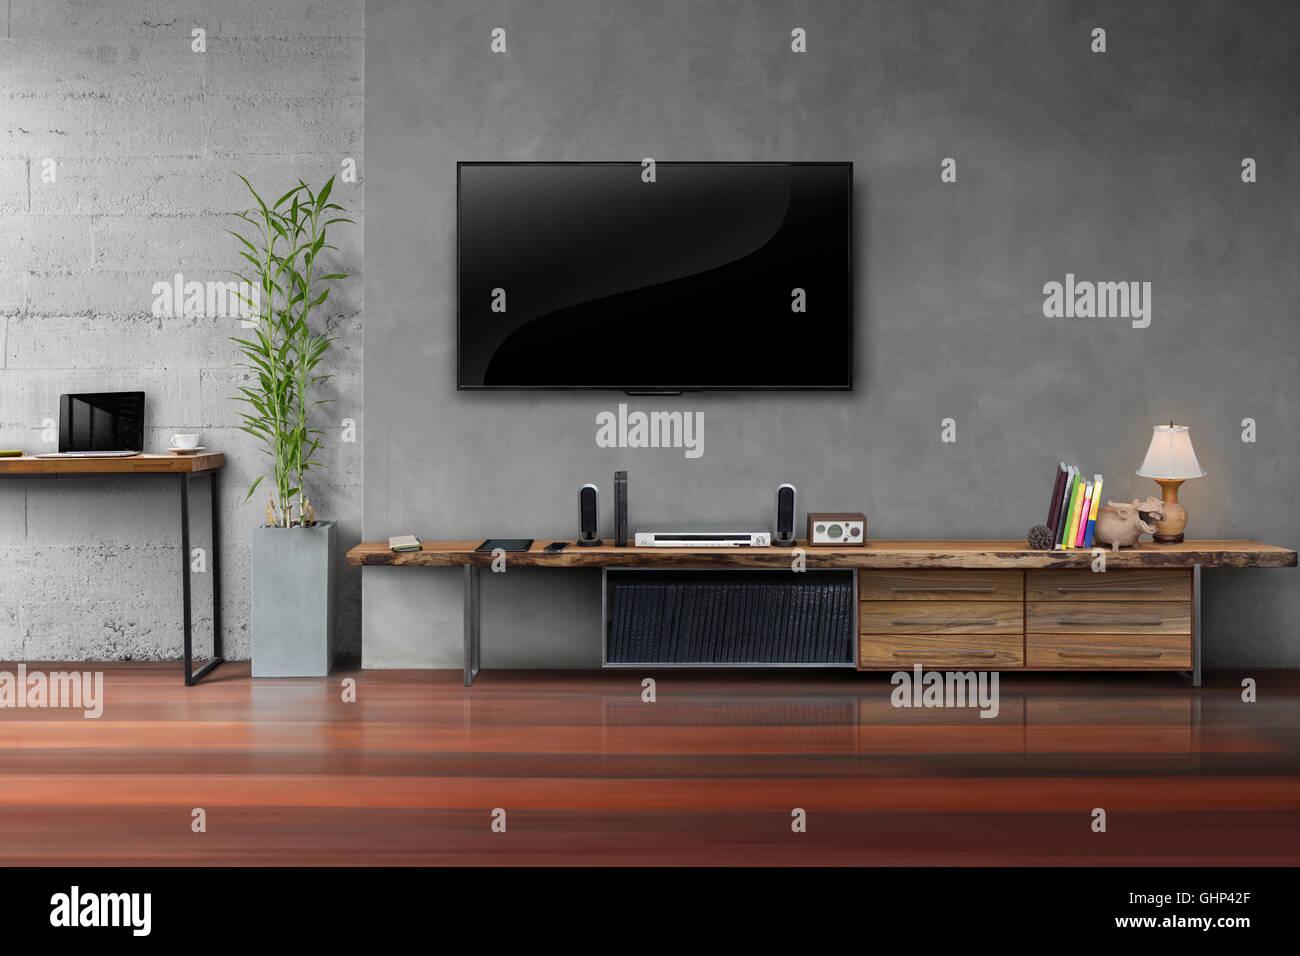 Sala De Tv Led Na Parede De Concreto Com Mesa De Madeira E Plantas  -> Vasos Na Sala De Tv